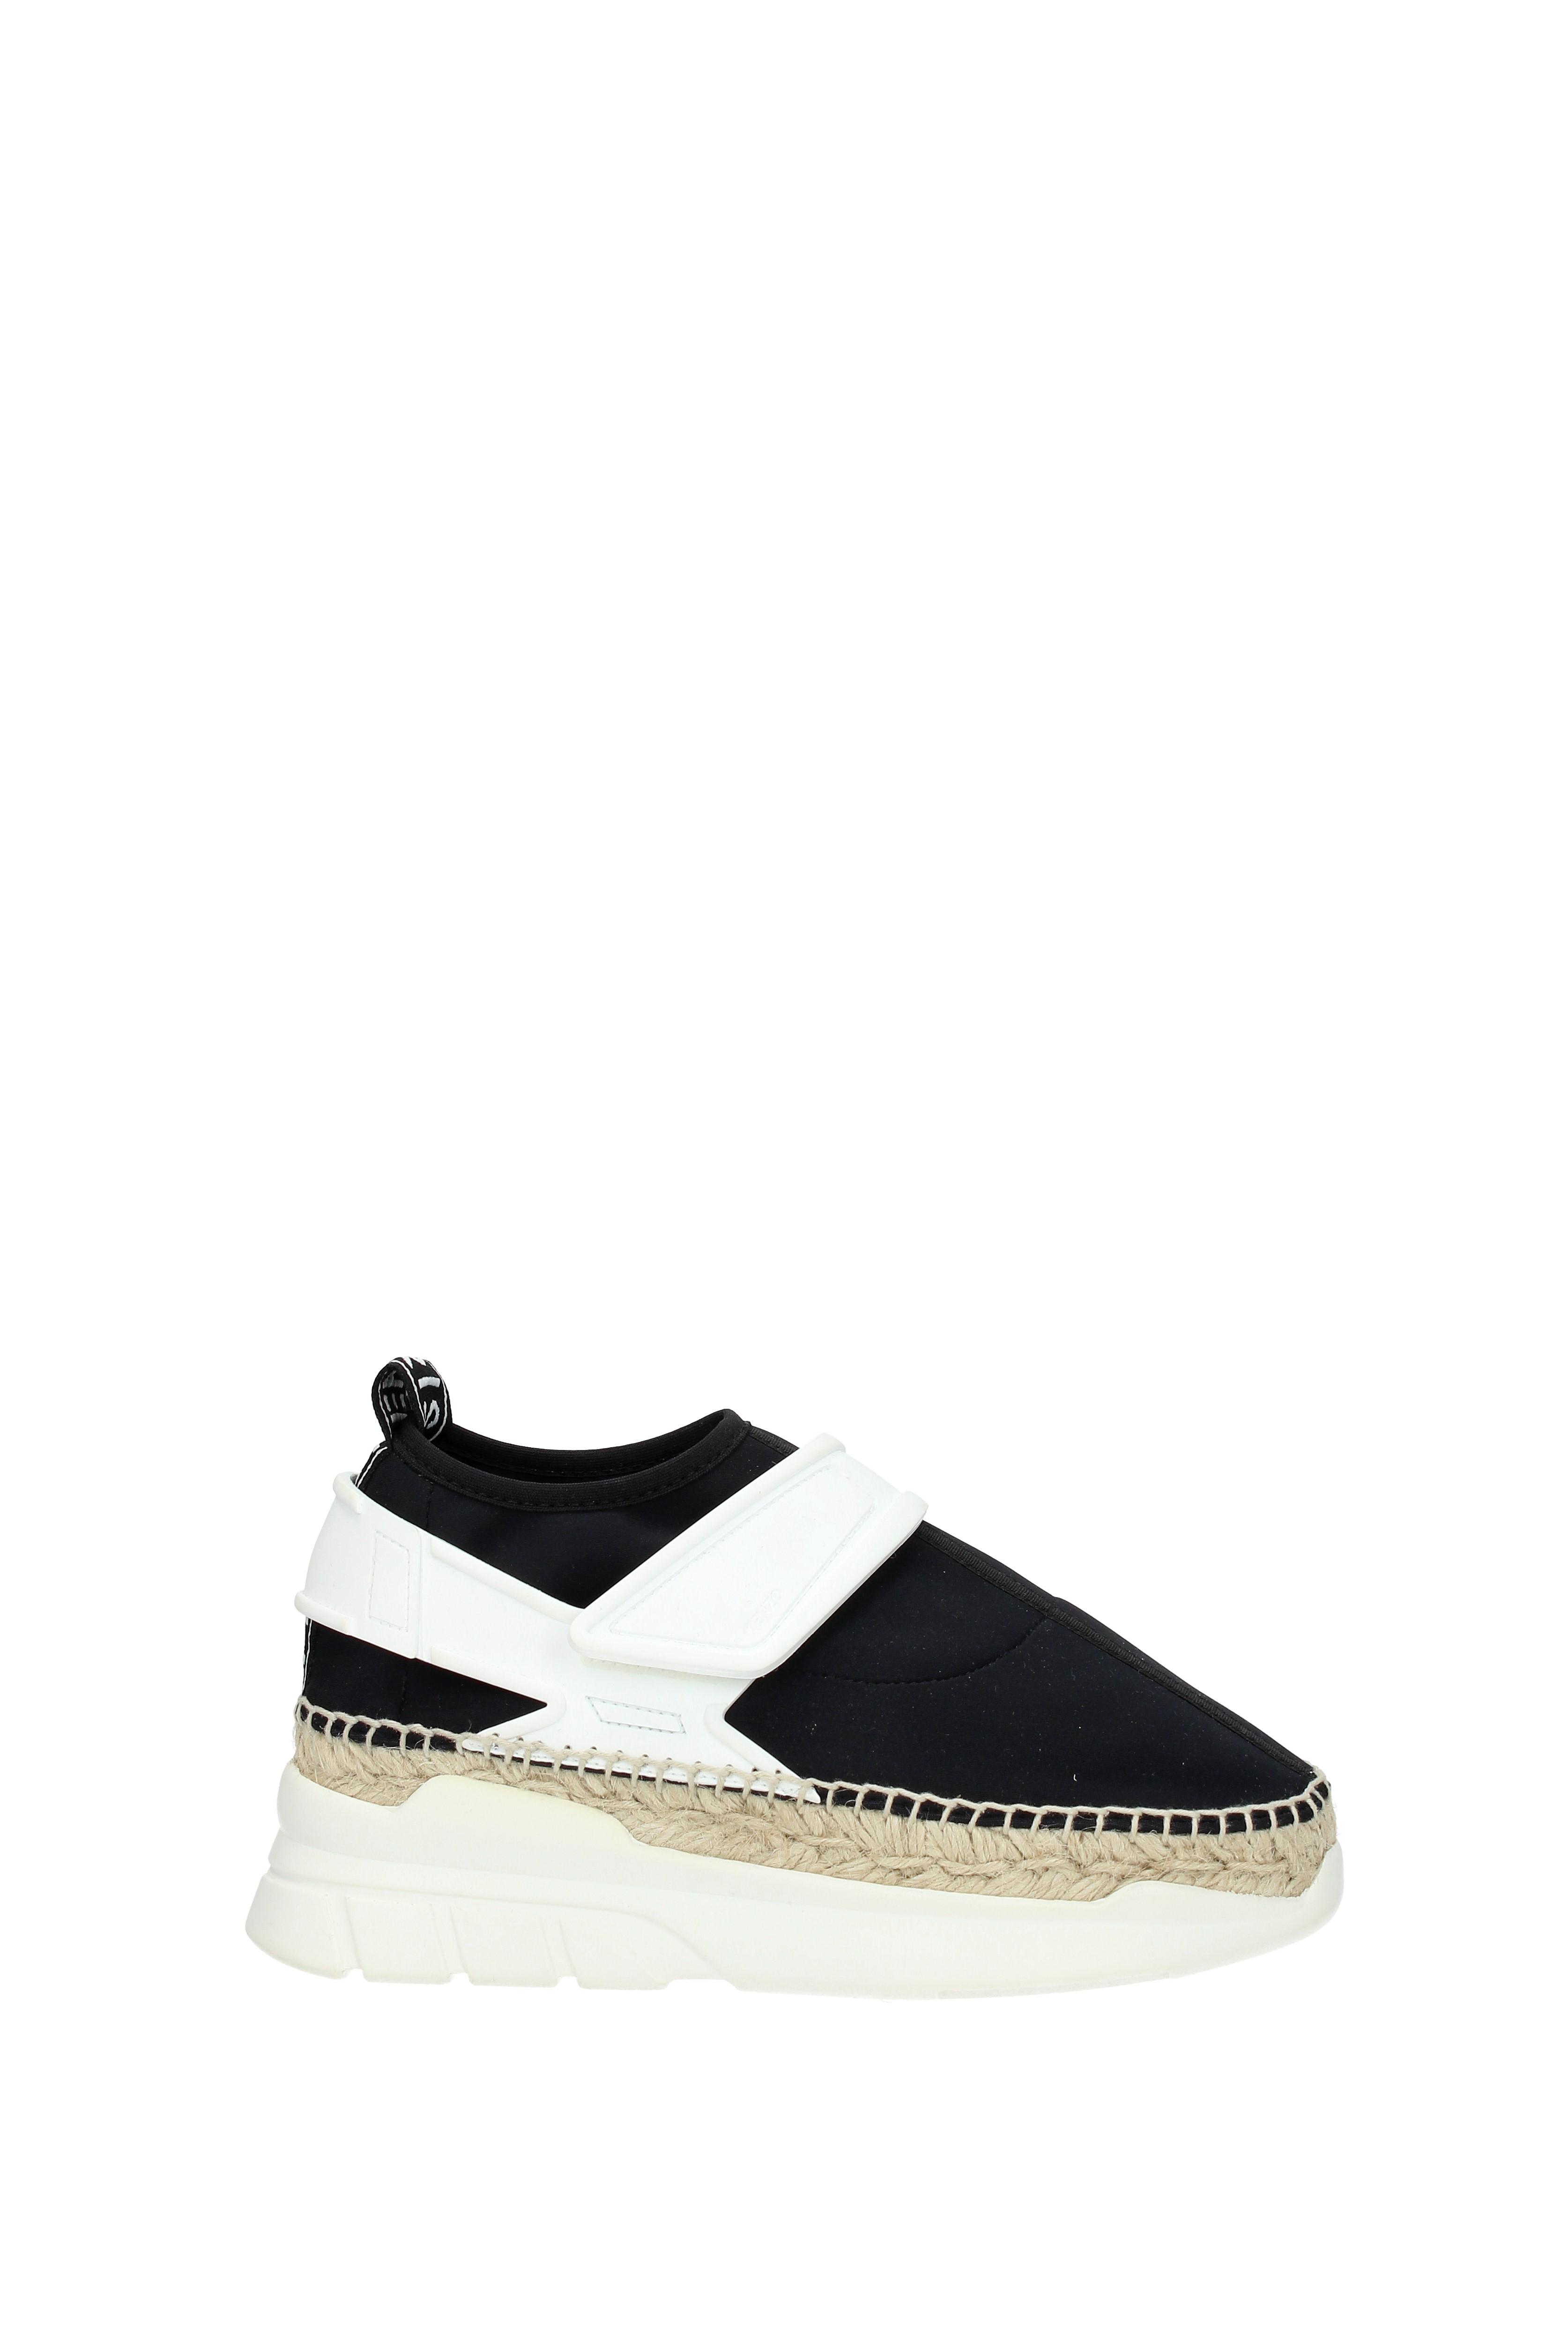 Sneakers Kenzo Damenschuhe - - Damenschuhe Tessuto (F852ES354F55) 975caf